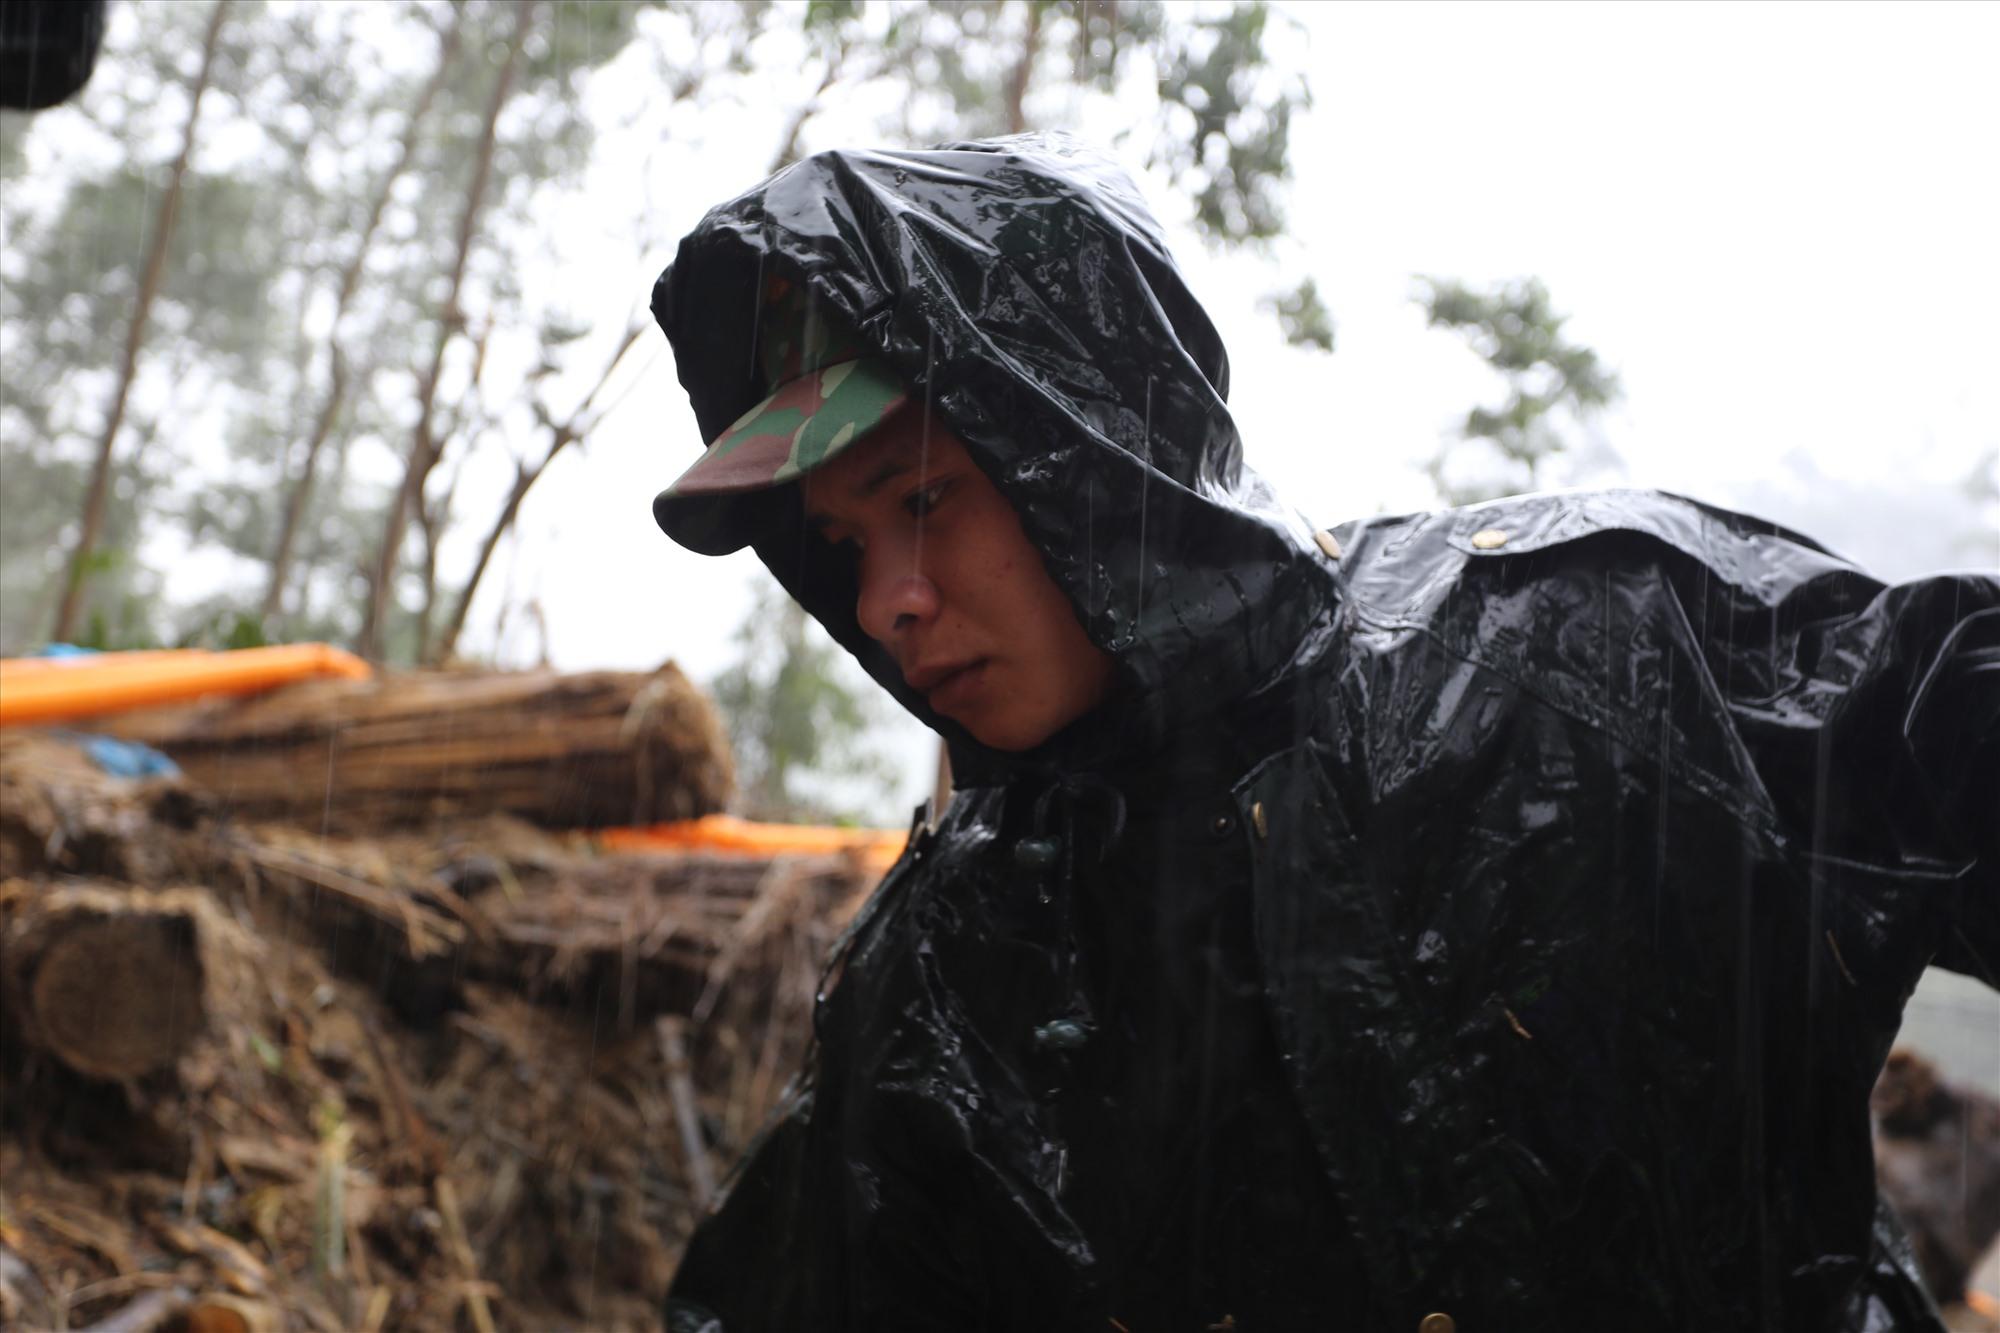 Chiến sĩ Y Ghi Nê dầm mưa cứu hộ cứu nạn ở Trà Leng. Ảnh: Đ.T